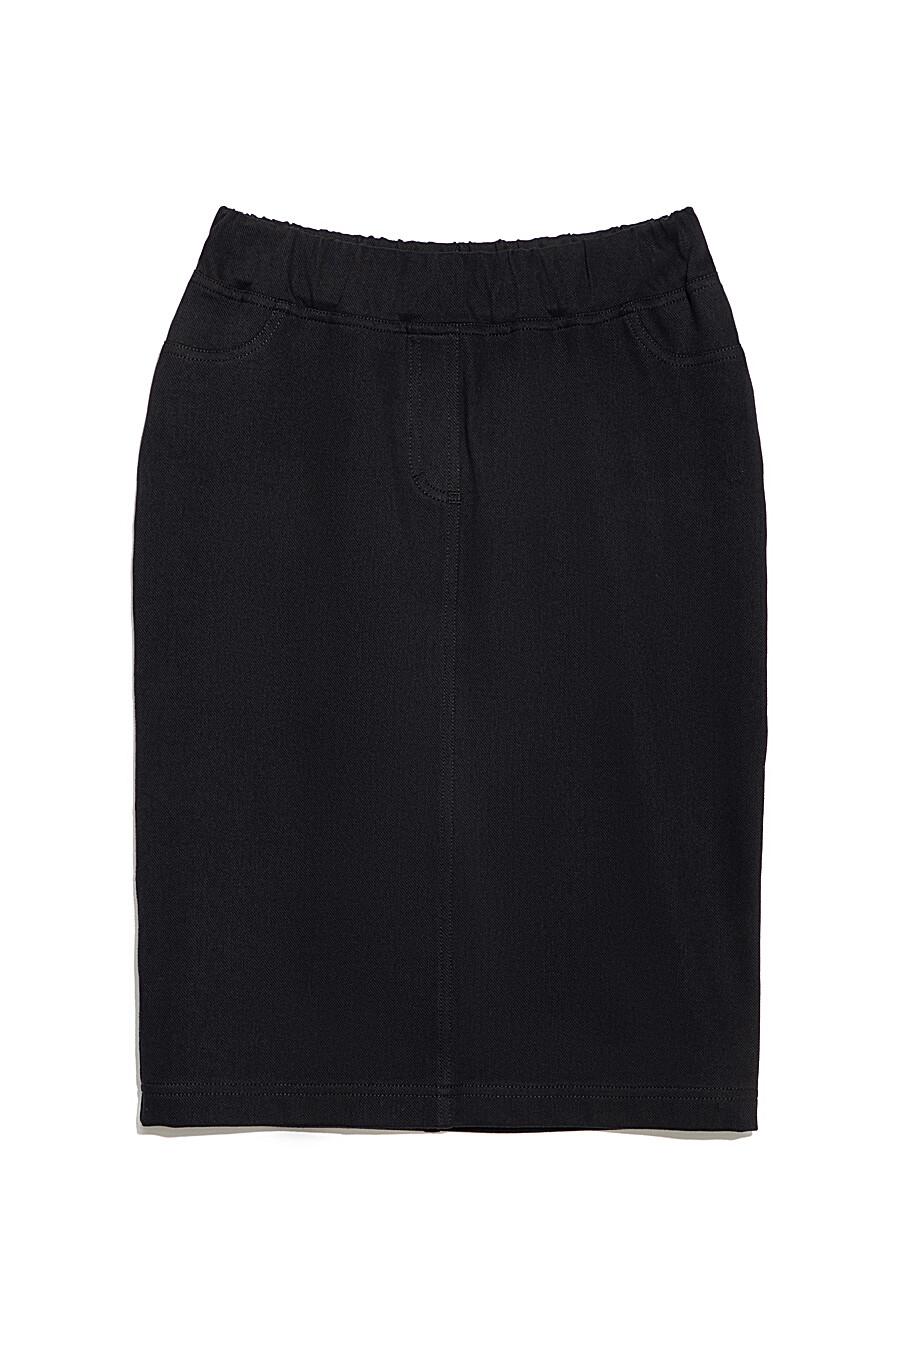 Юбка для женщин CONTE ELEGANT 148669 купить оптом от производителя. Совместная покупка женской одежды в OptMoyo